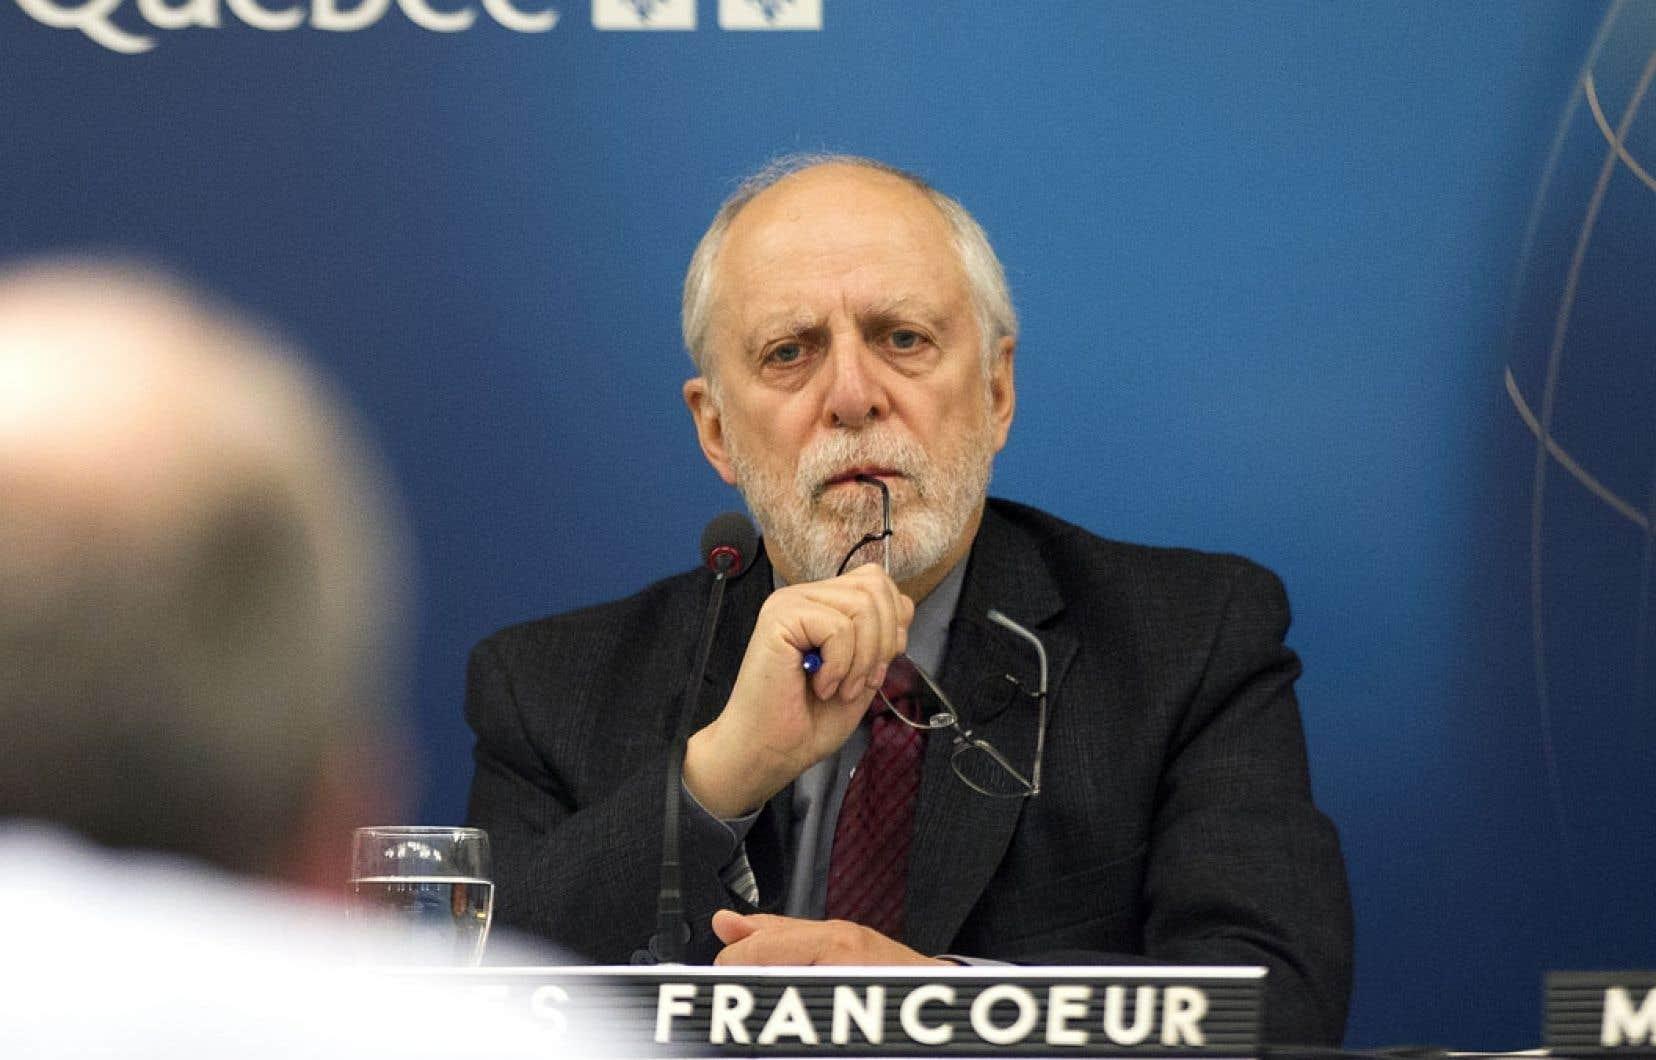 Louis-Gilles Francoeur, vice-président du BAPE, préside l'enquête sur la filière unanifère.